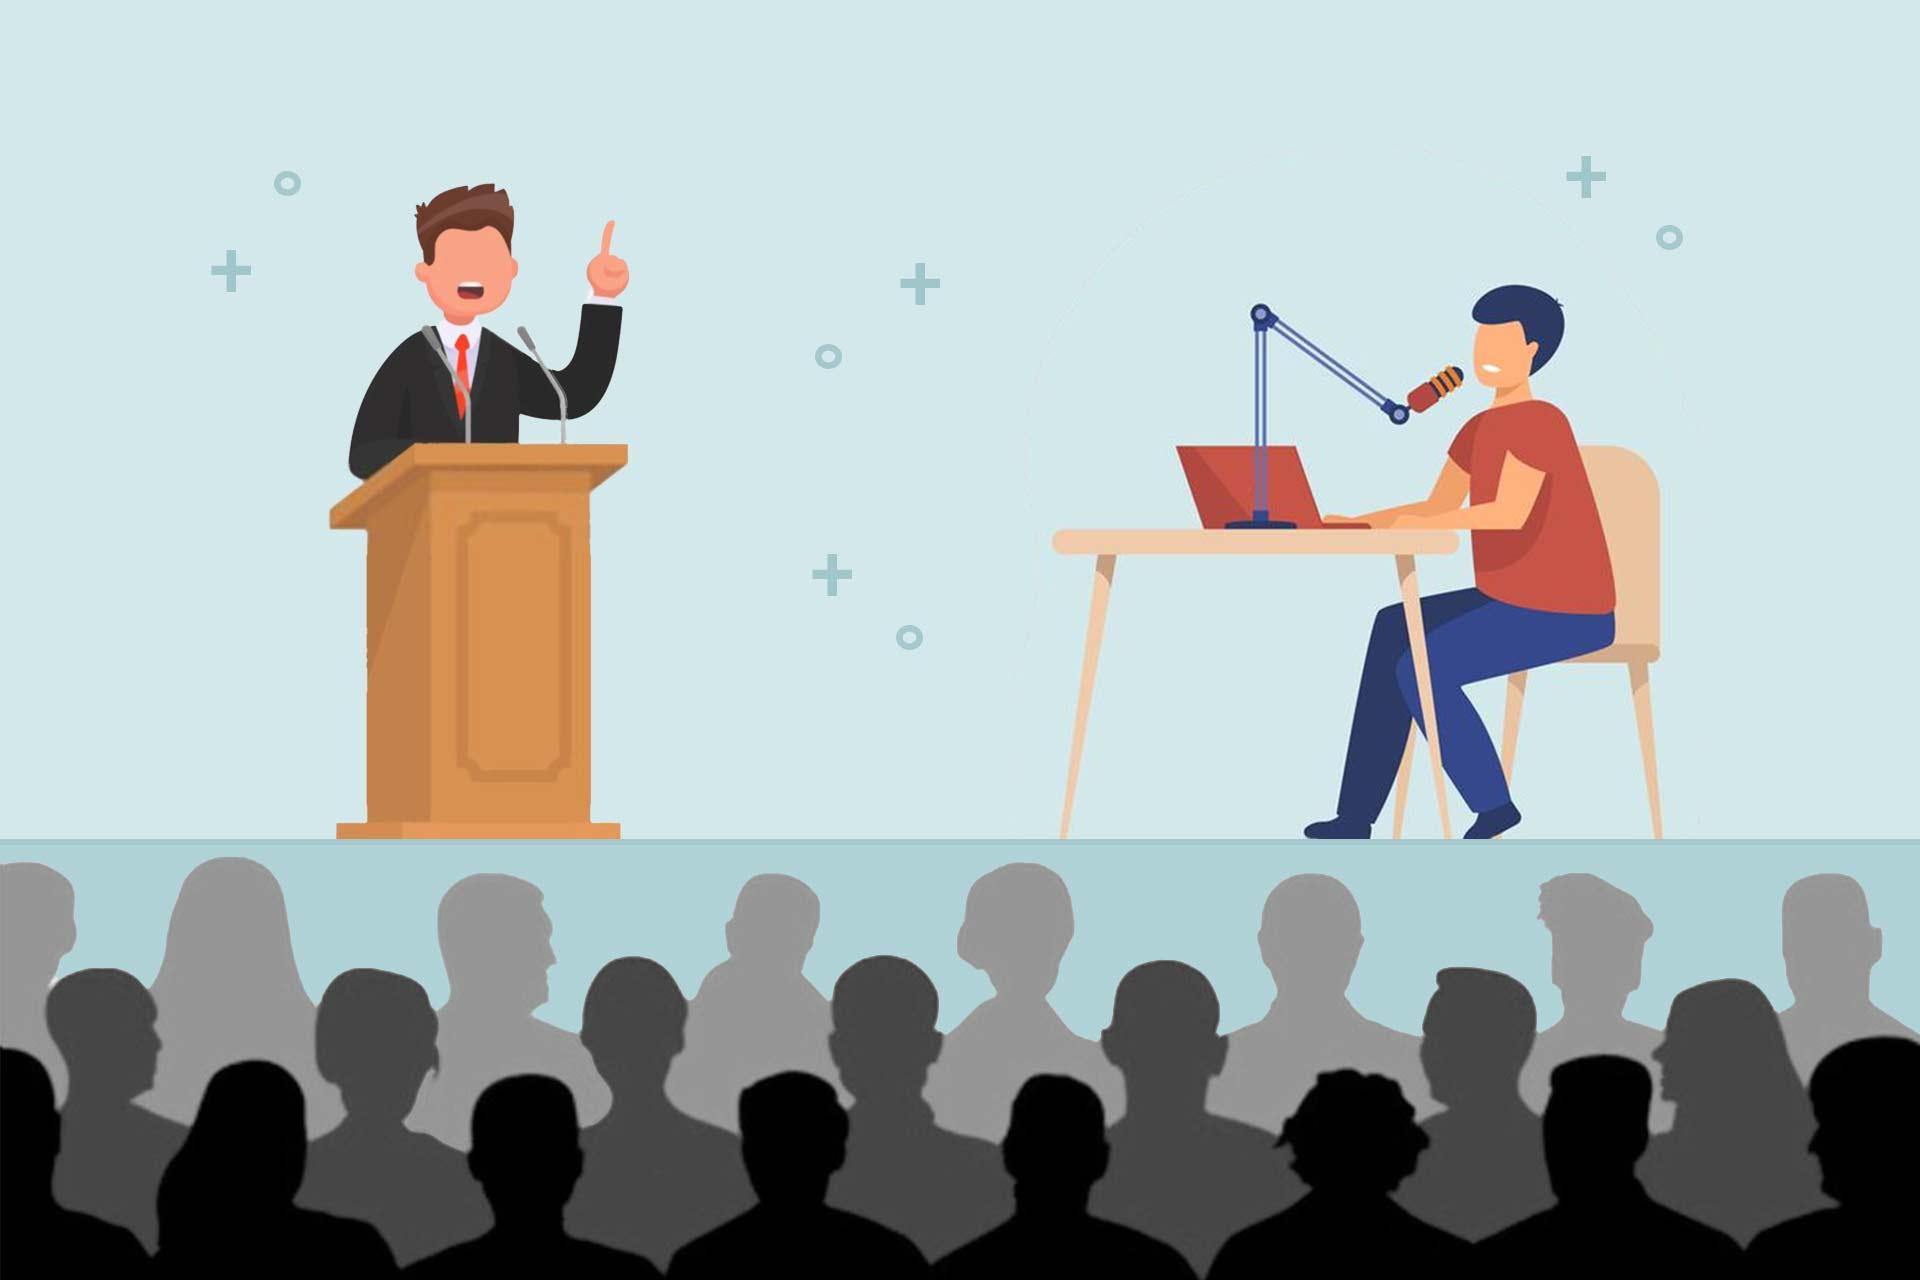 میخواهید ارائه کنید یا سخنرانی؟